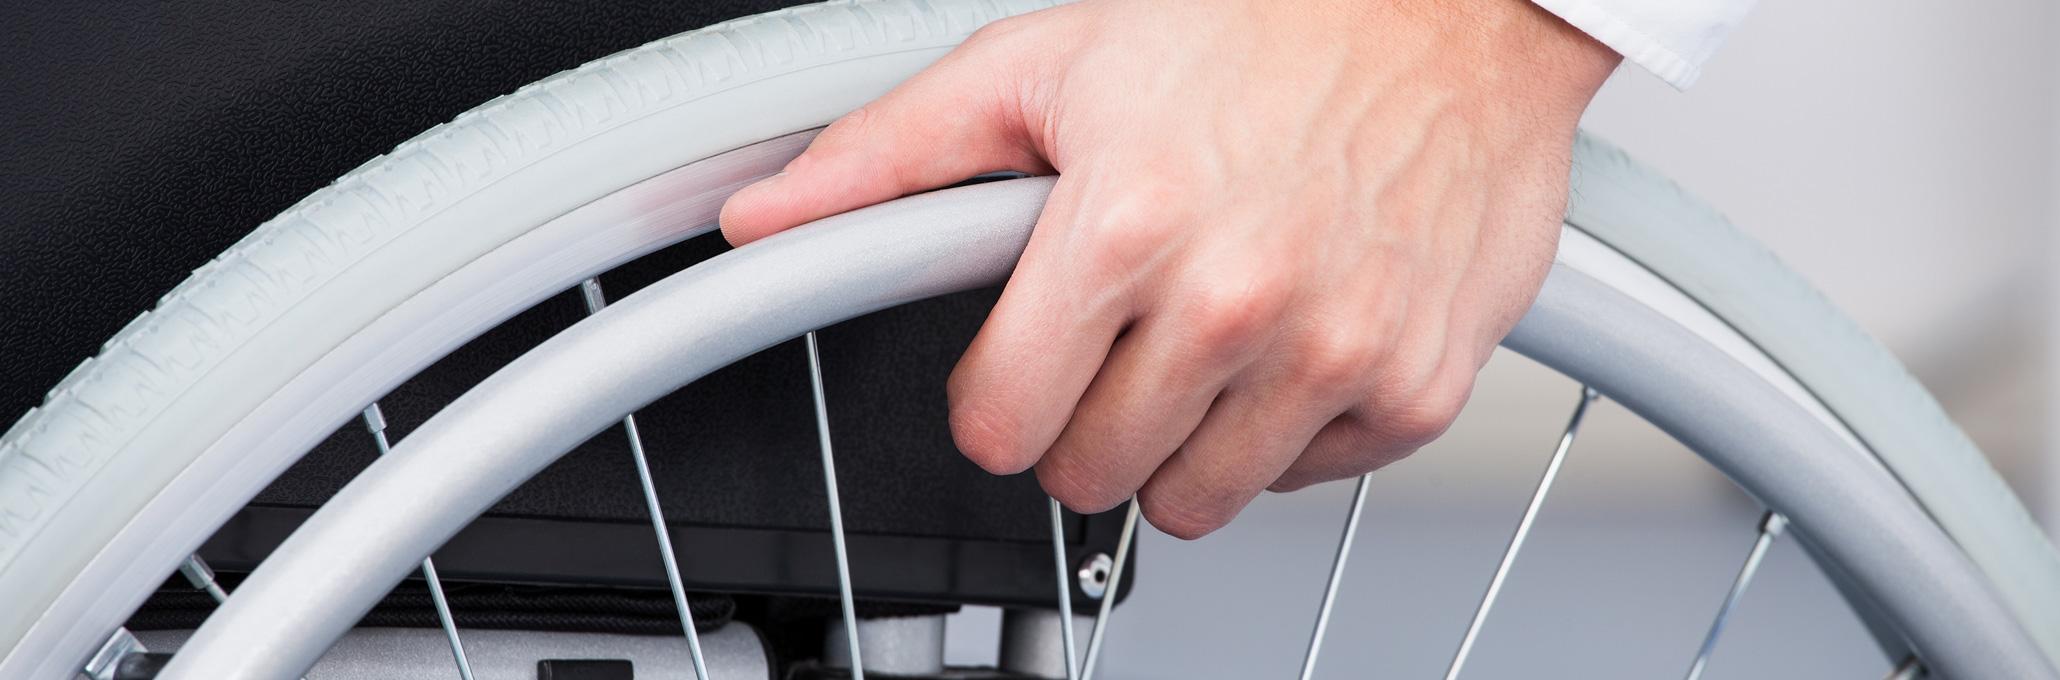 main sur une roue de fauteuil roulant